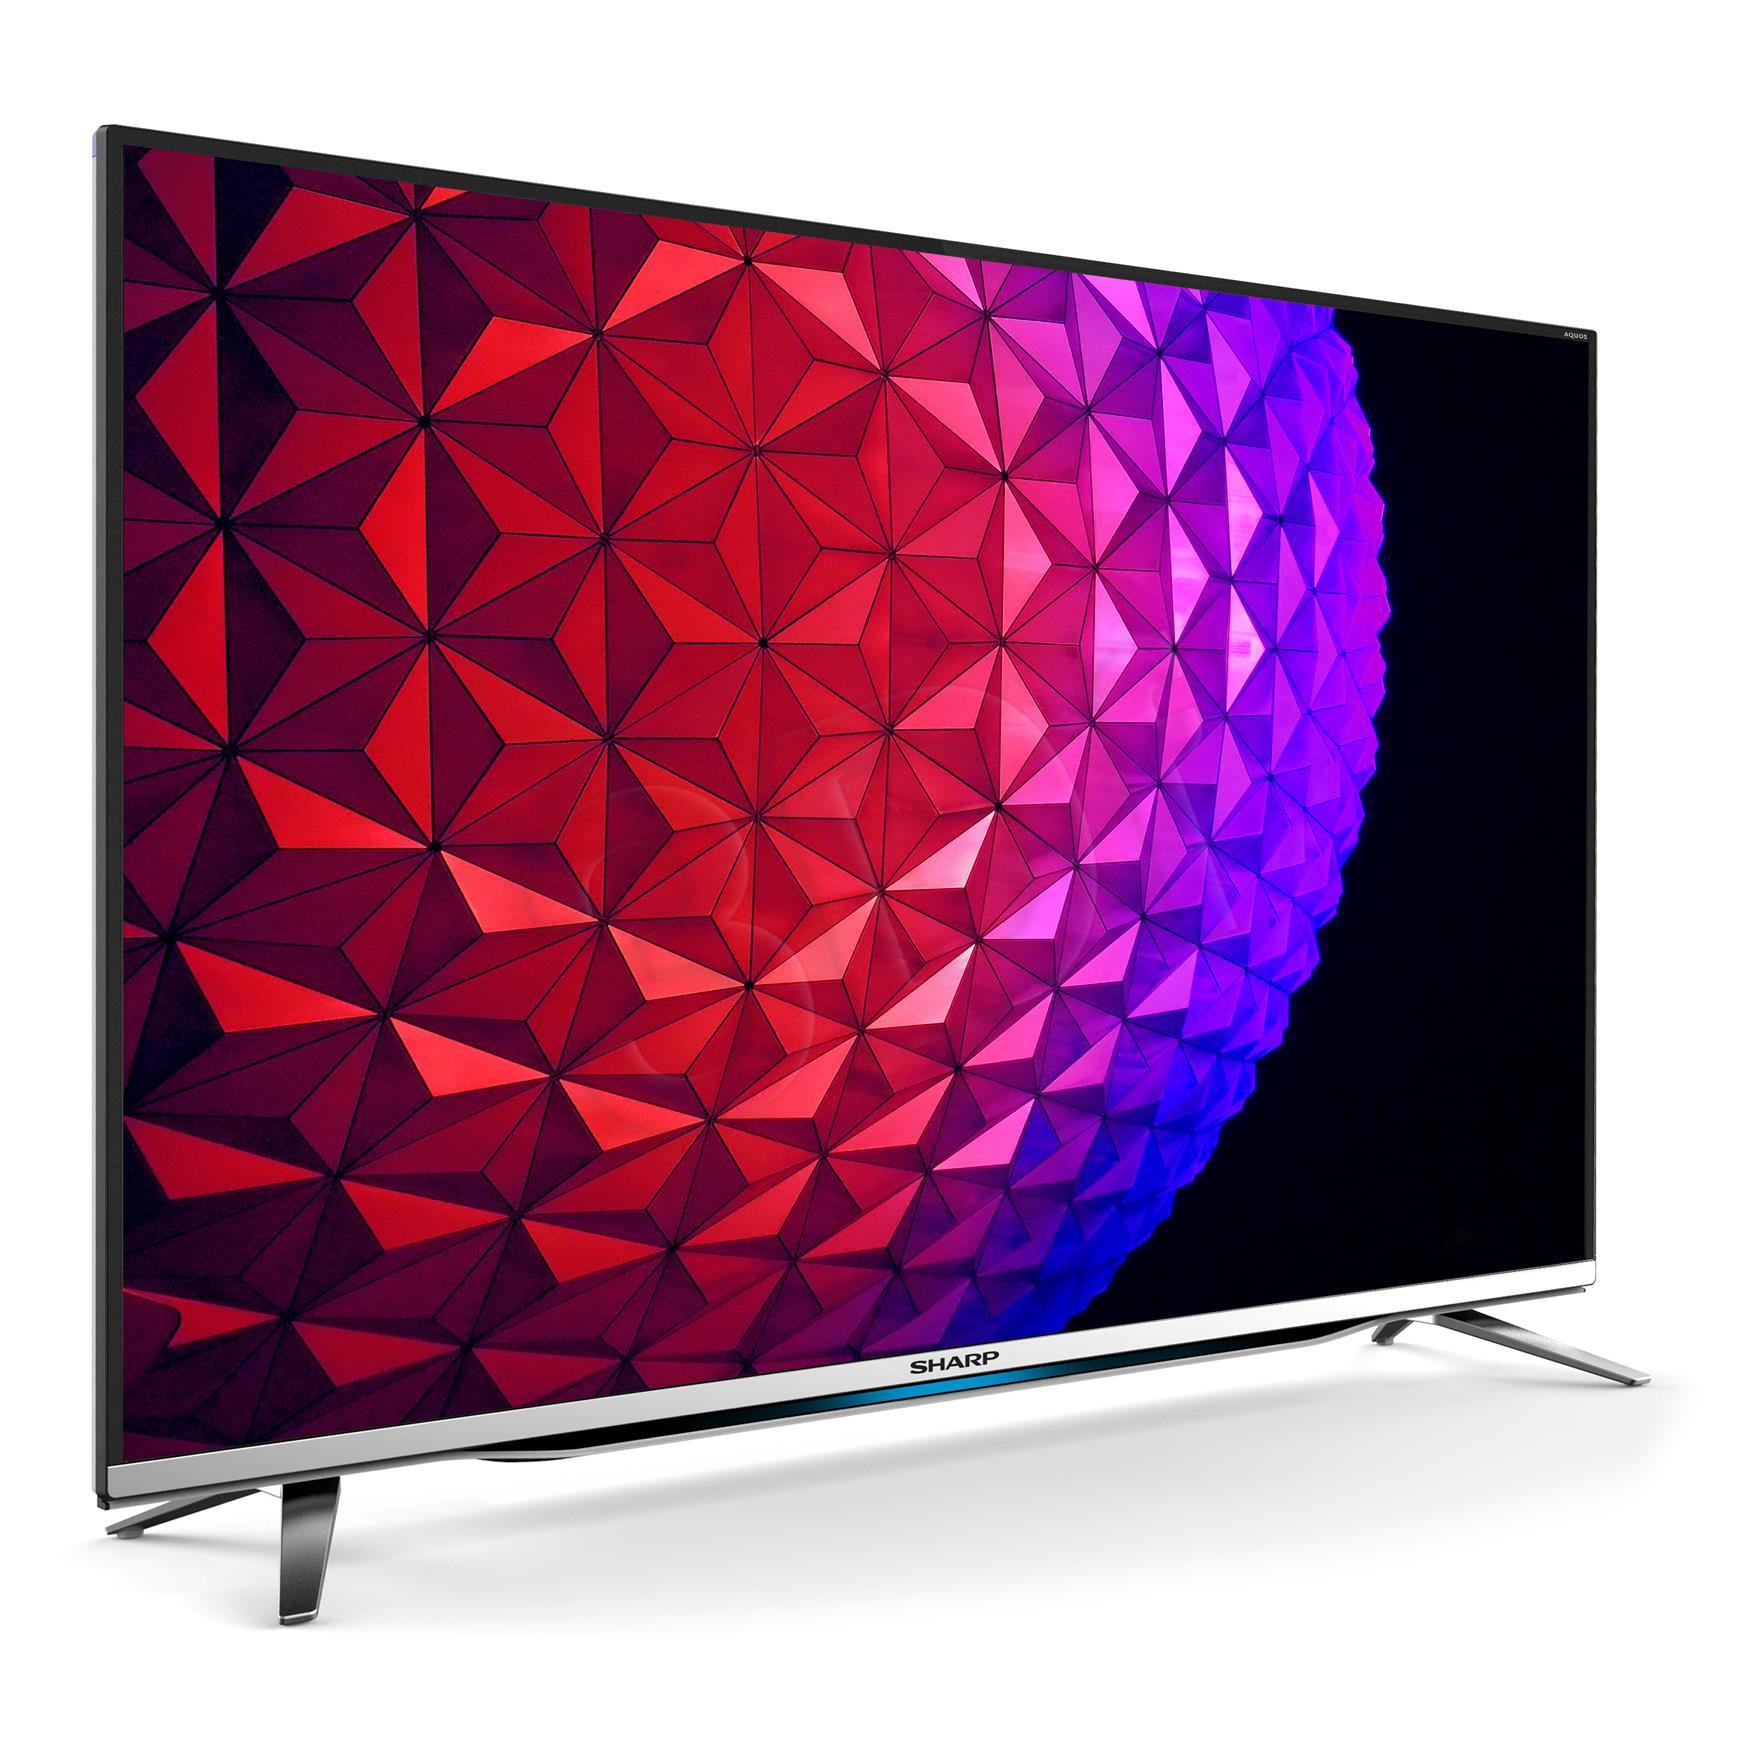 0 SHARP LC-40CFG6452E ( FullHD 1920x1080 400Hz DVB-C DVB-S/S2 DVB-T/T2 3 2 SmartTV WiFi DLNA )